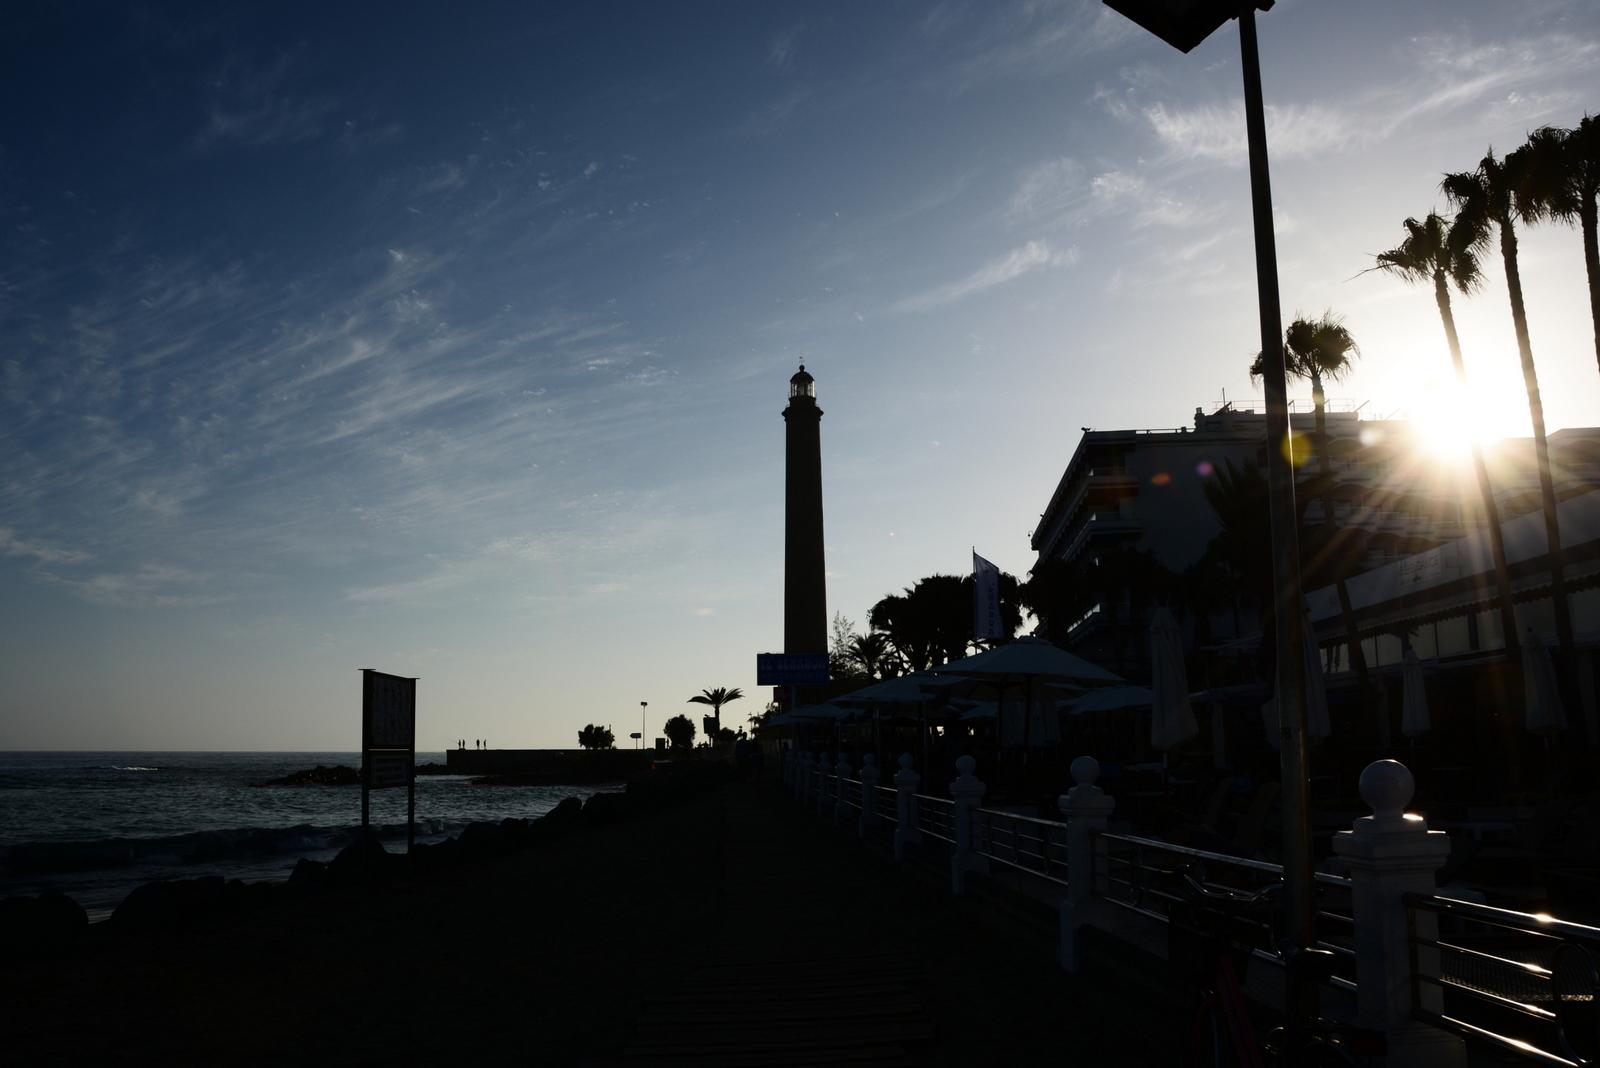 Närrische Zeiten: Karneval unter Palmen strand sonne europa karibik mittelamerika  DSC 0035